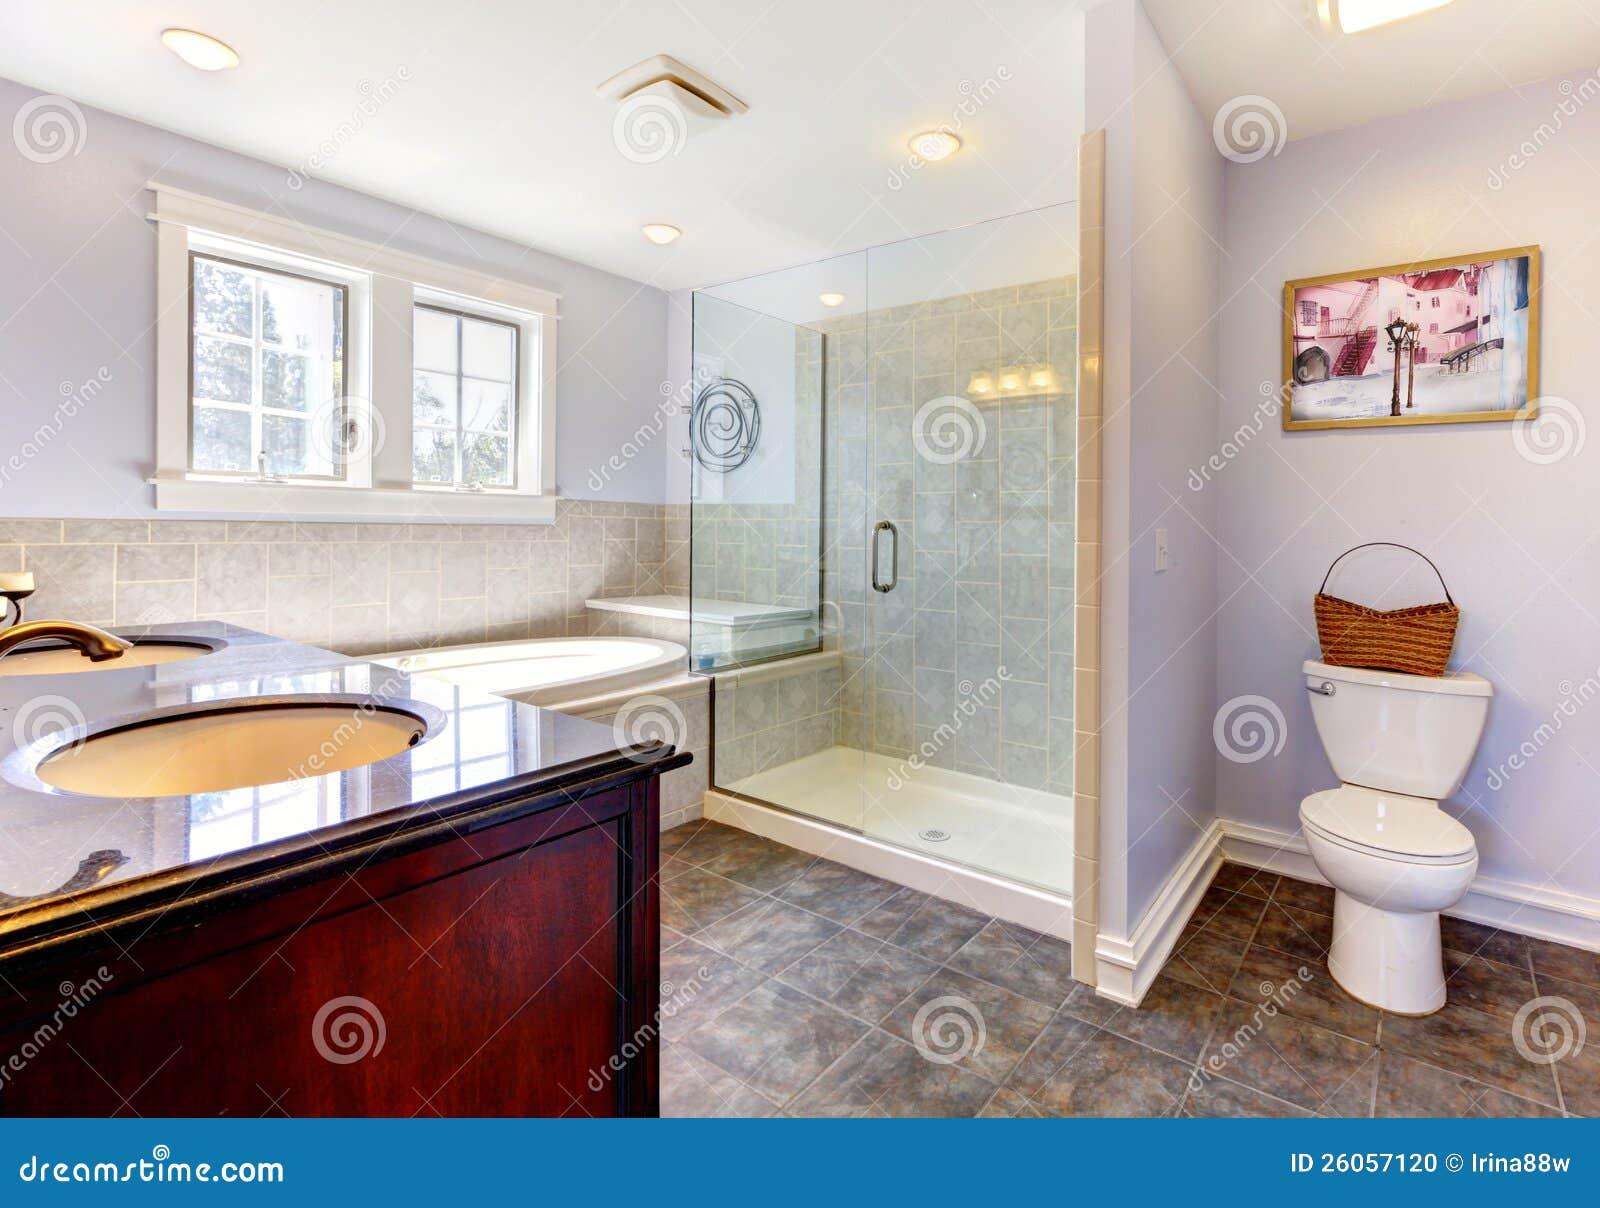 helles lavendar badezimmer mit großer dusche stockfoto - bild, Hause ideen